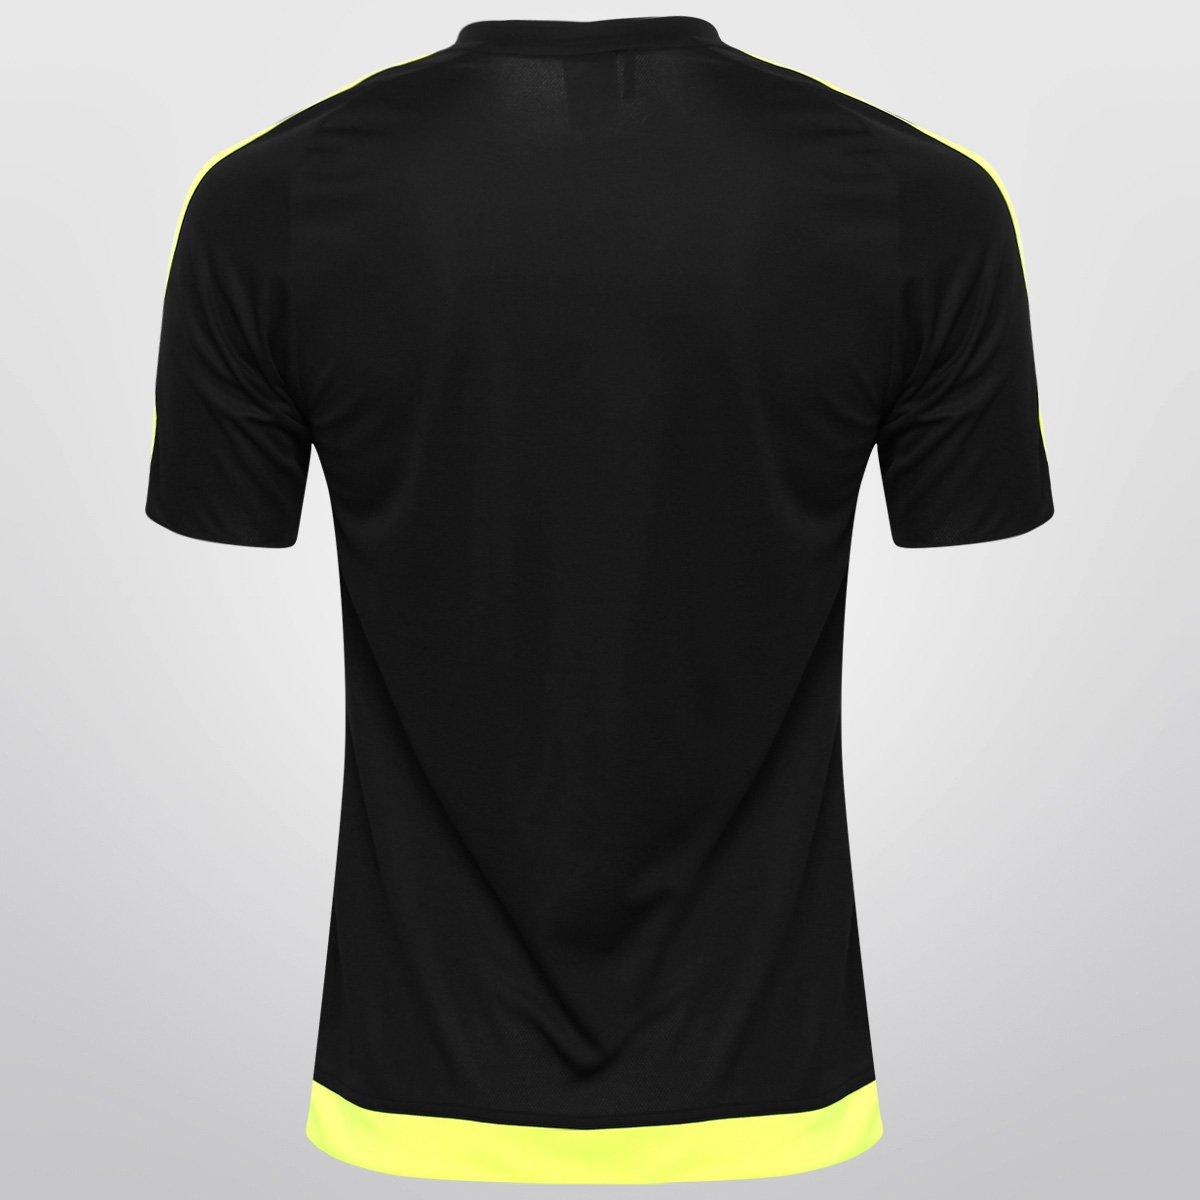 Camisa Adidas Estro 15 Masculina - Preto e Verde Limão - Compre ... 76696d9fffbf0